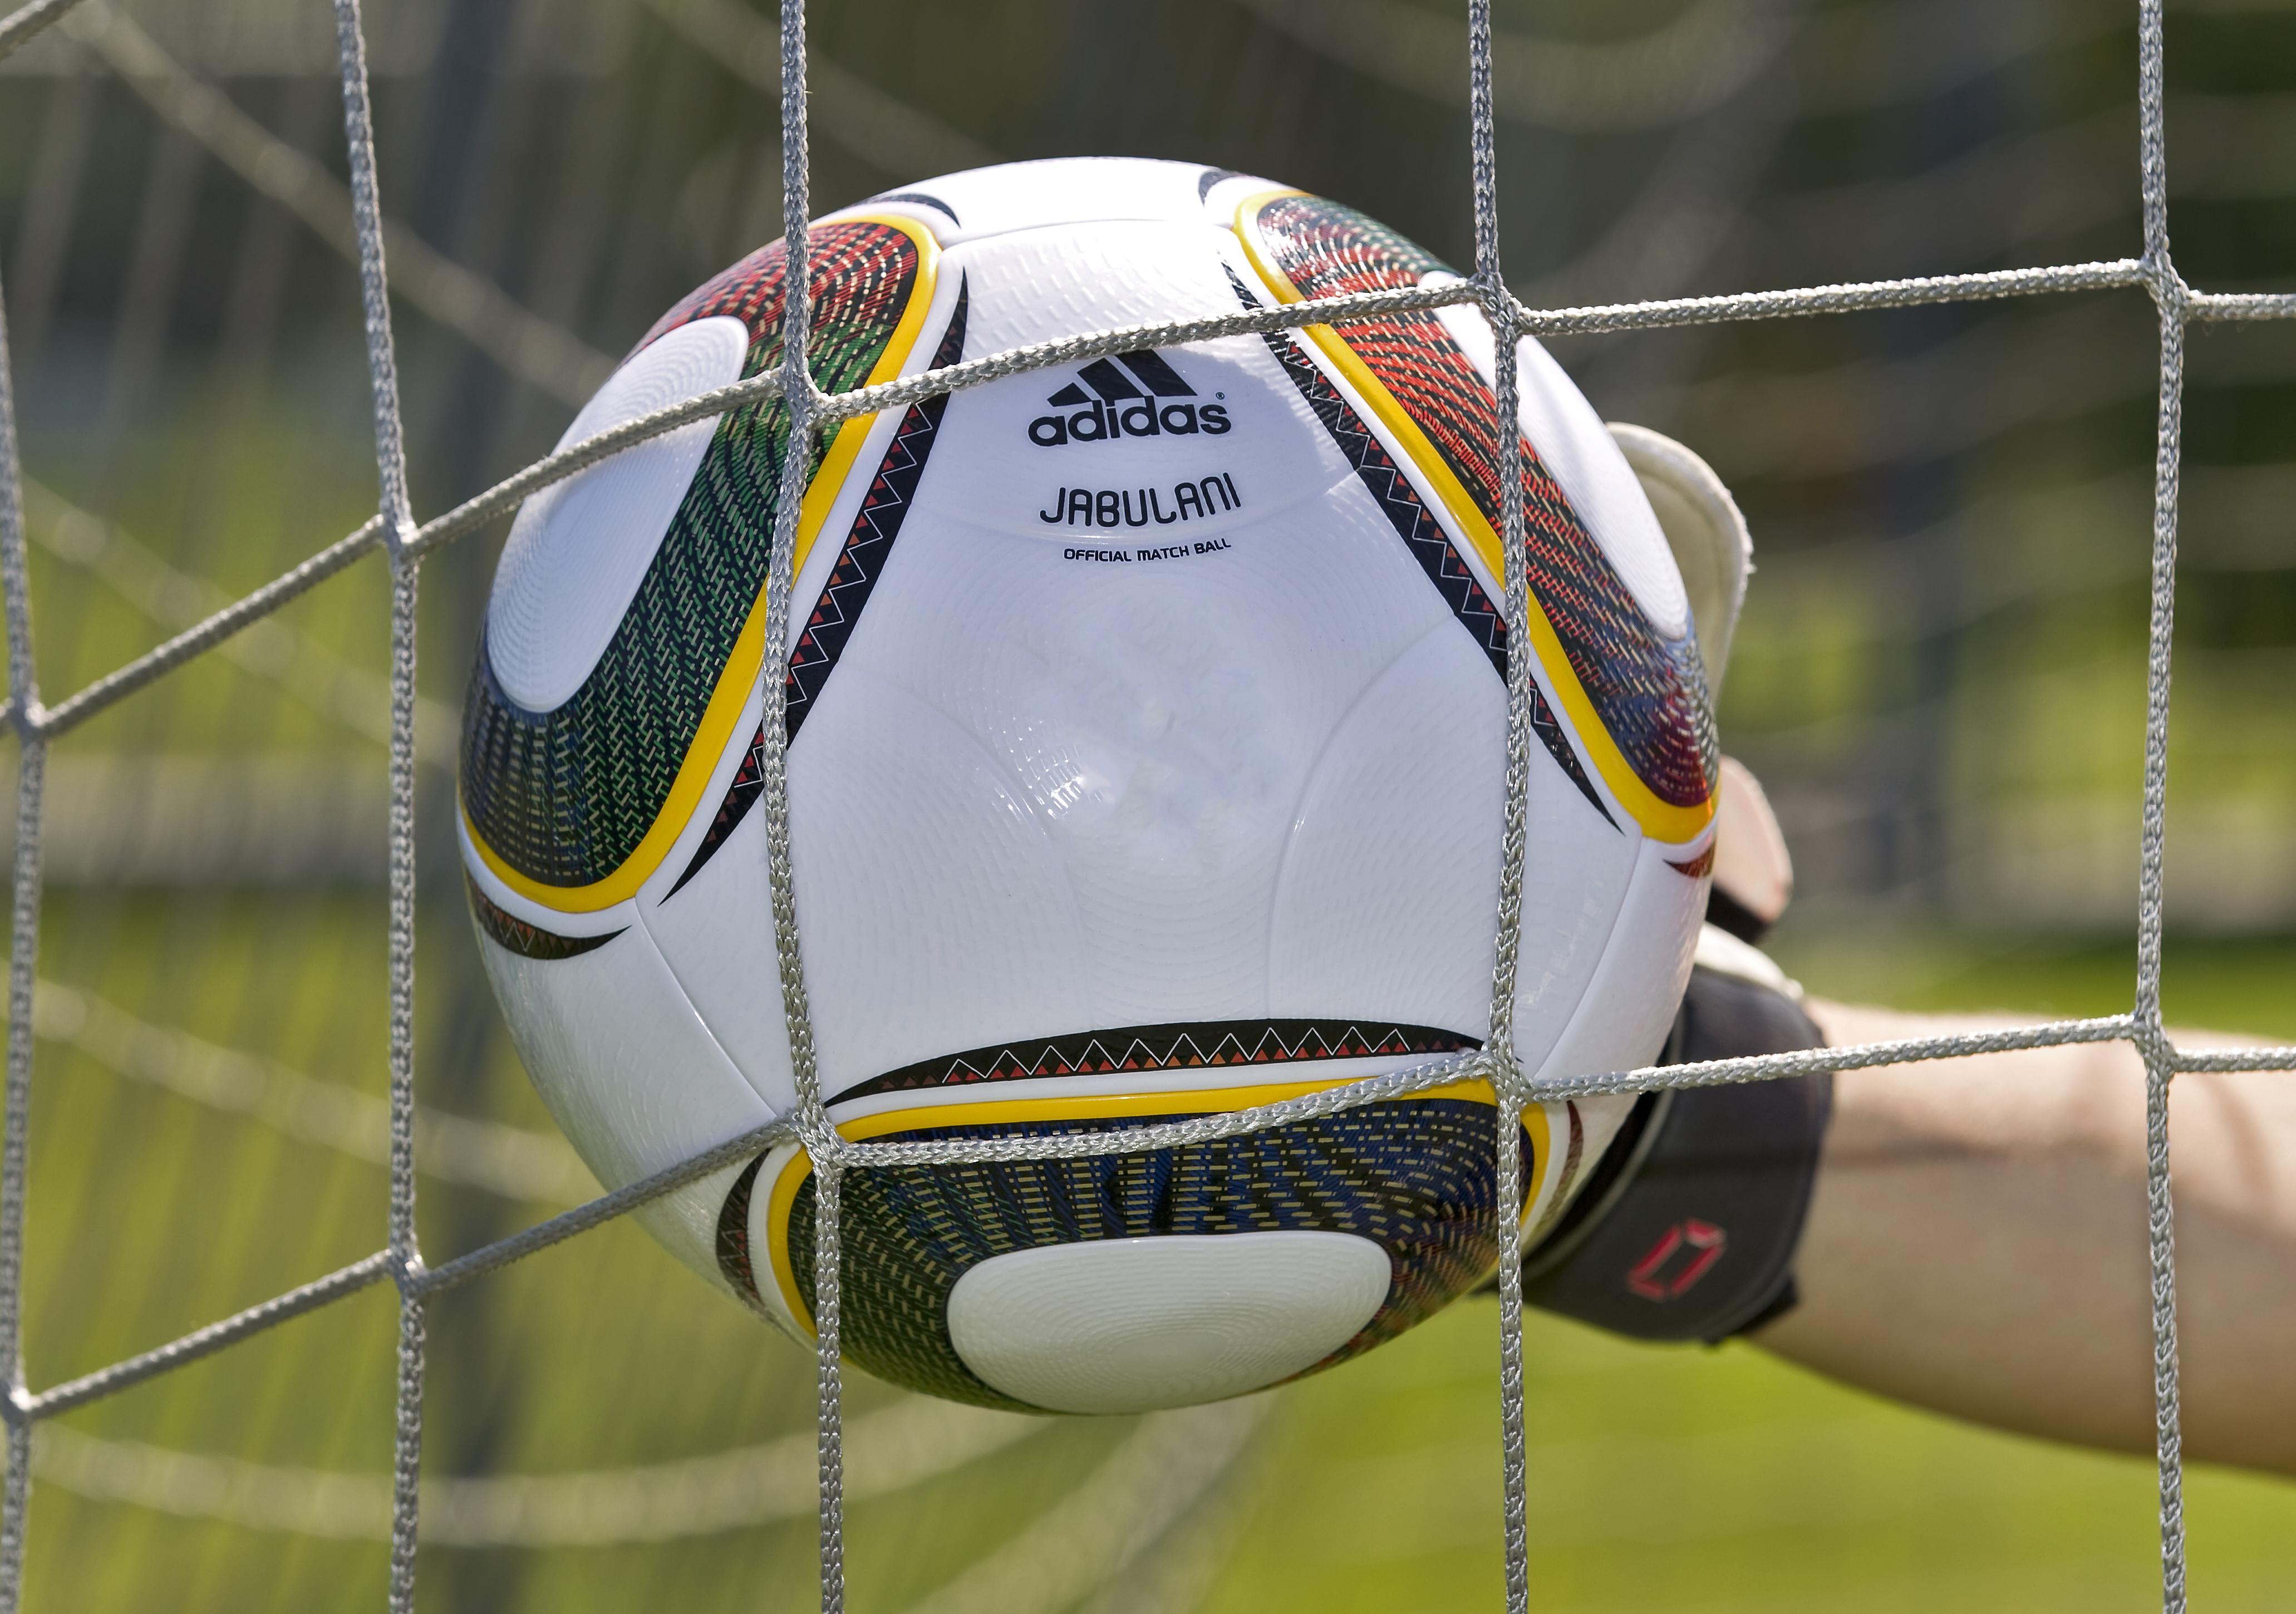 Vrouwen DSS nog steeds aan kop na thriller in Berkel en Rodenrijs: 3-5 winst